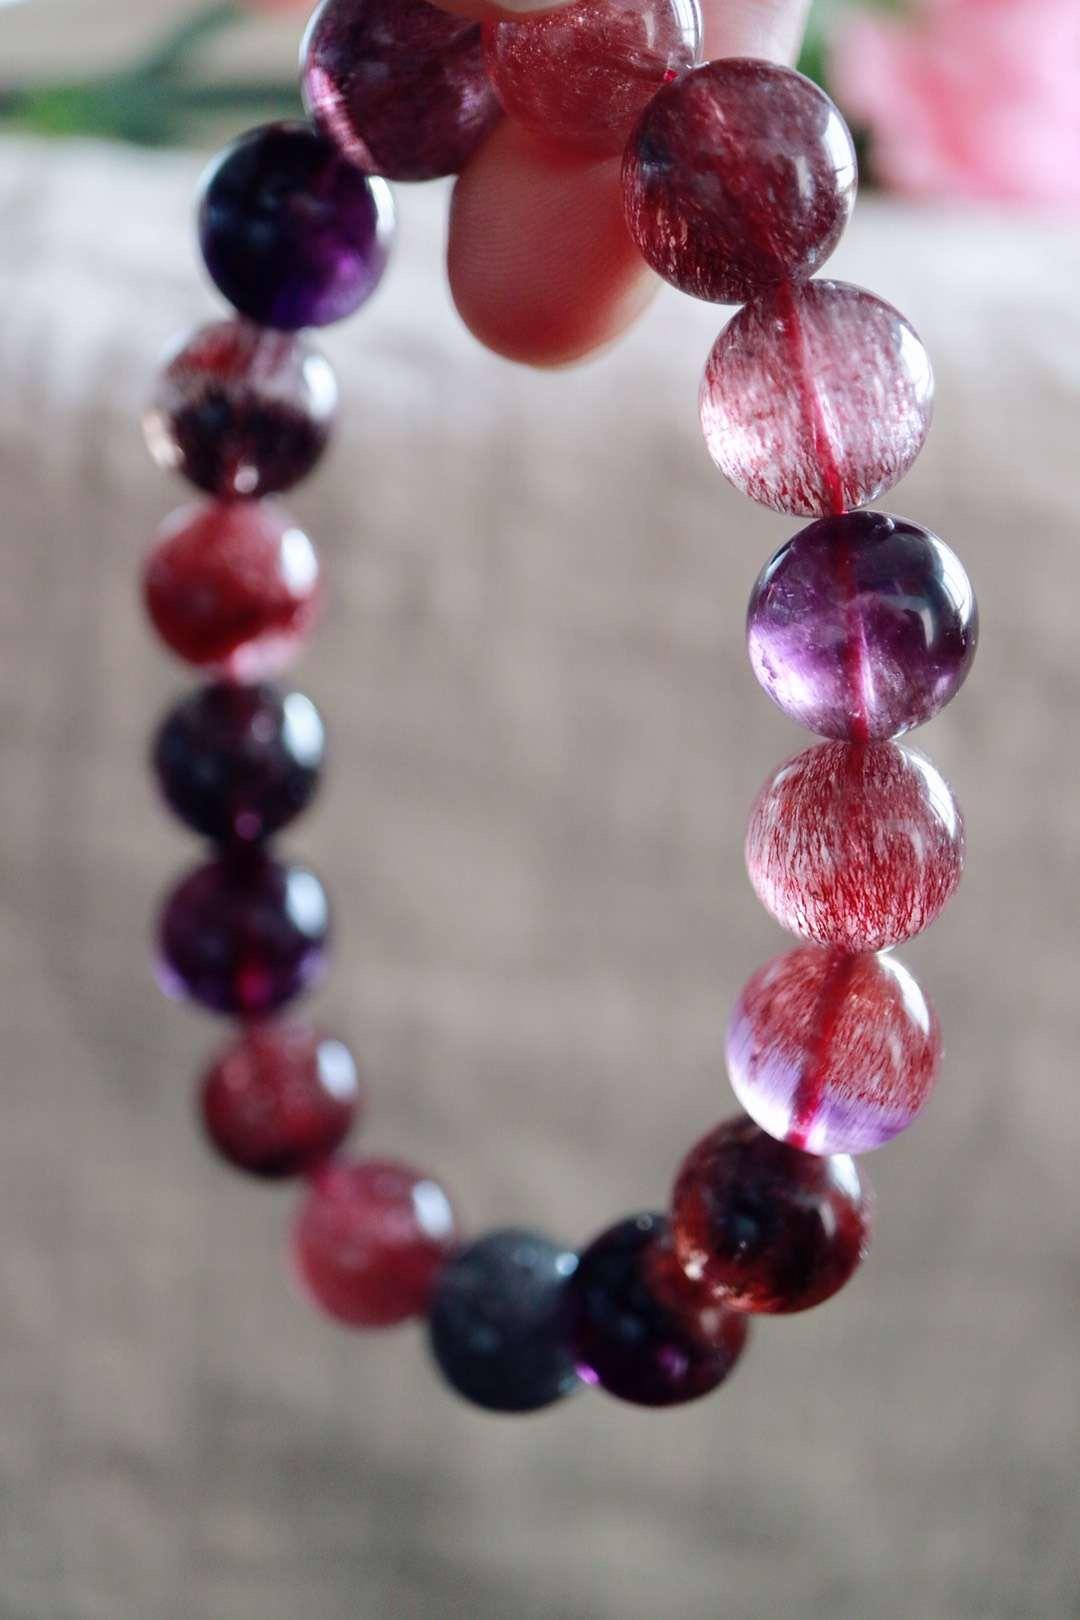 【菩心三轮骨干紫发晶】发丝浓密,能量满满,文艺工作者尤为合适-菩心晶舍